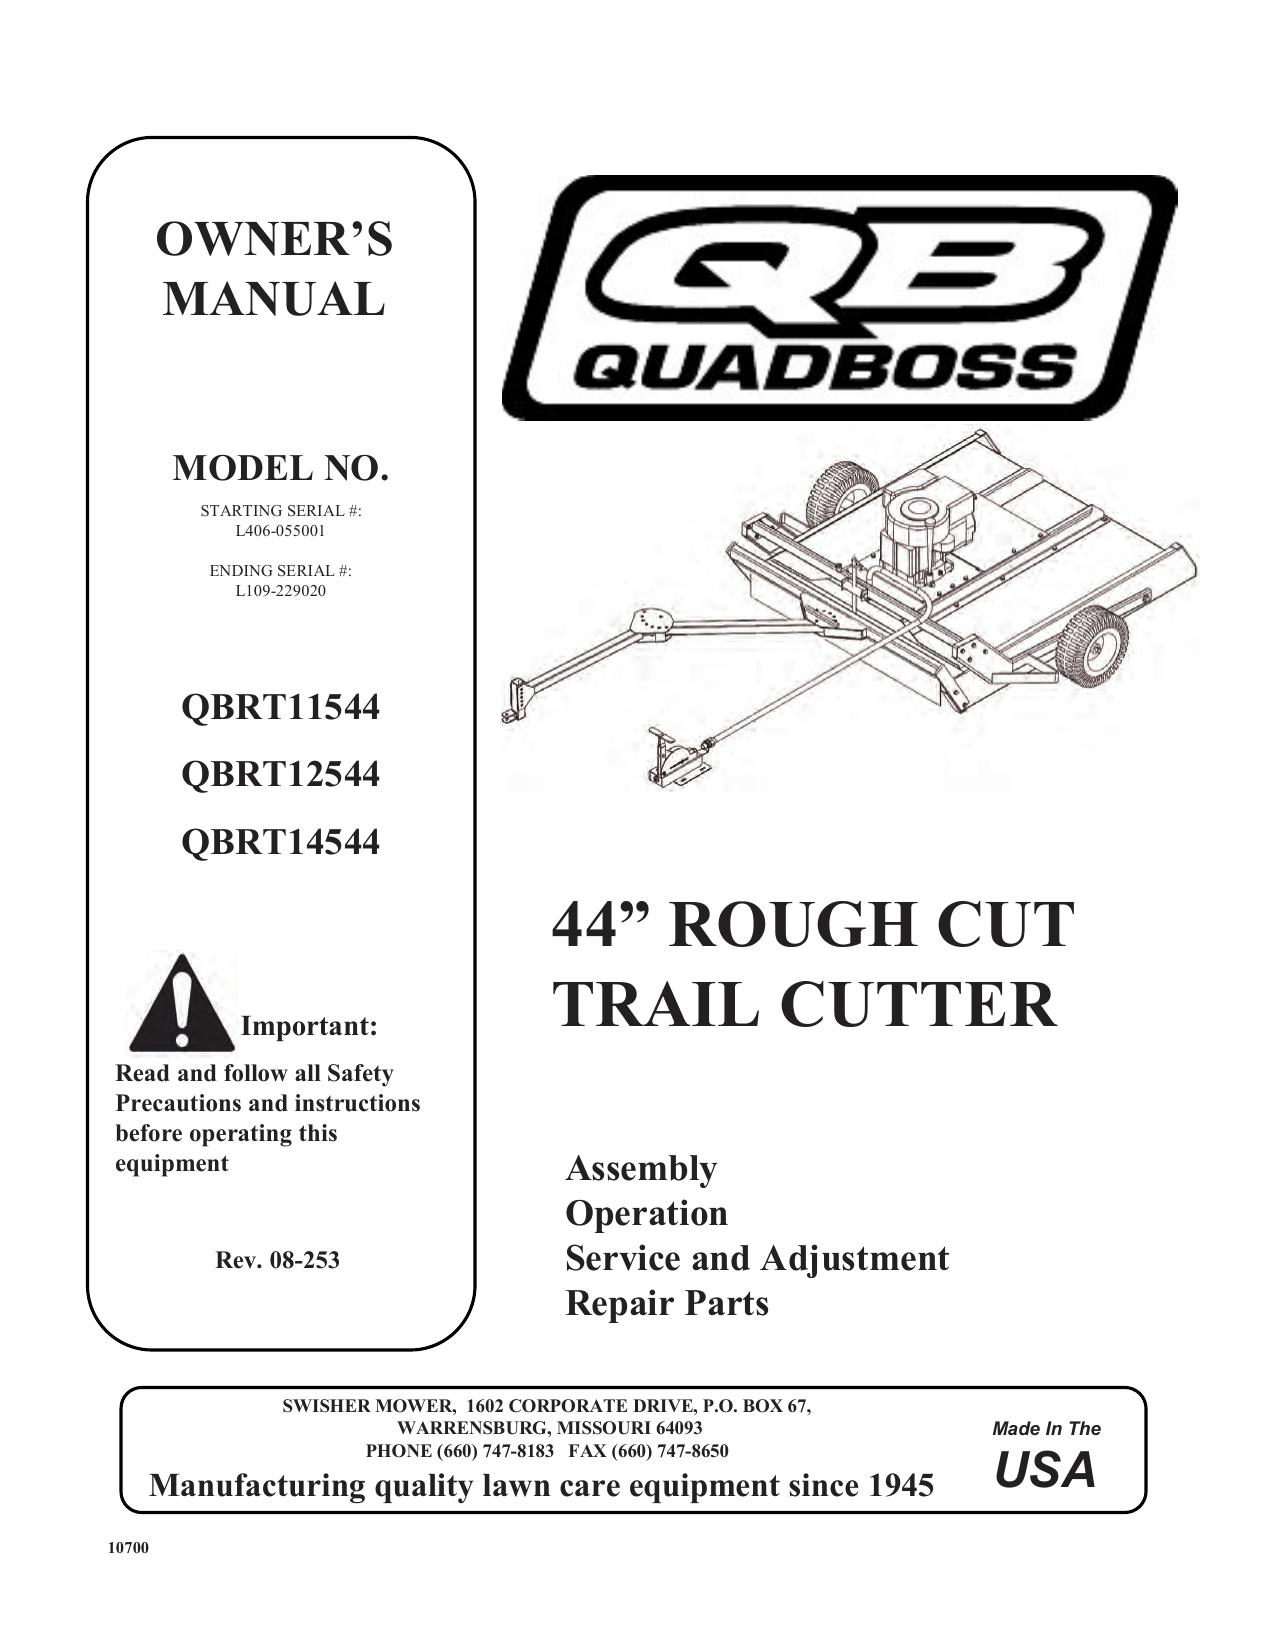 Swisher QBRT11544, QBRT14544, QBRT12544 Owner's manual   Manualzzmanualzz